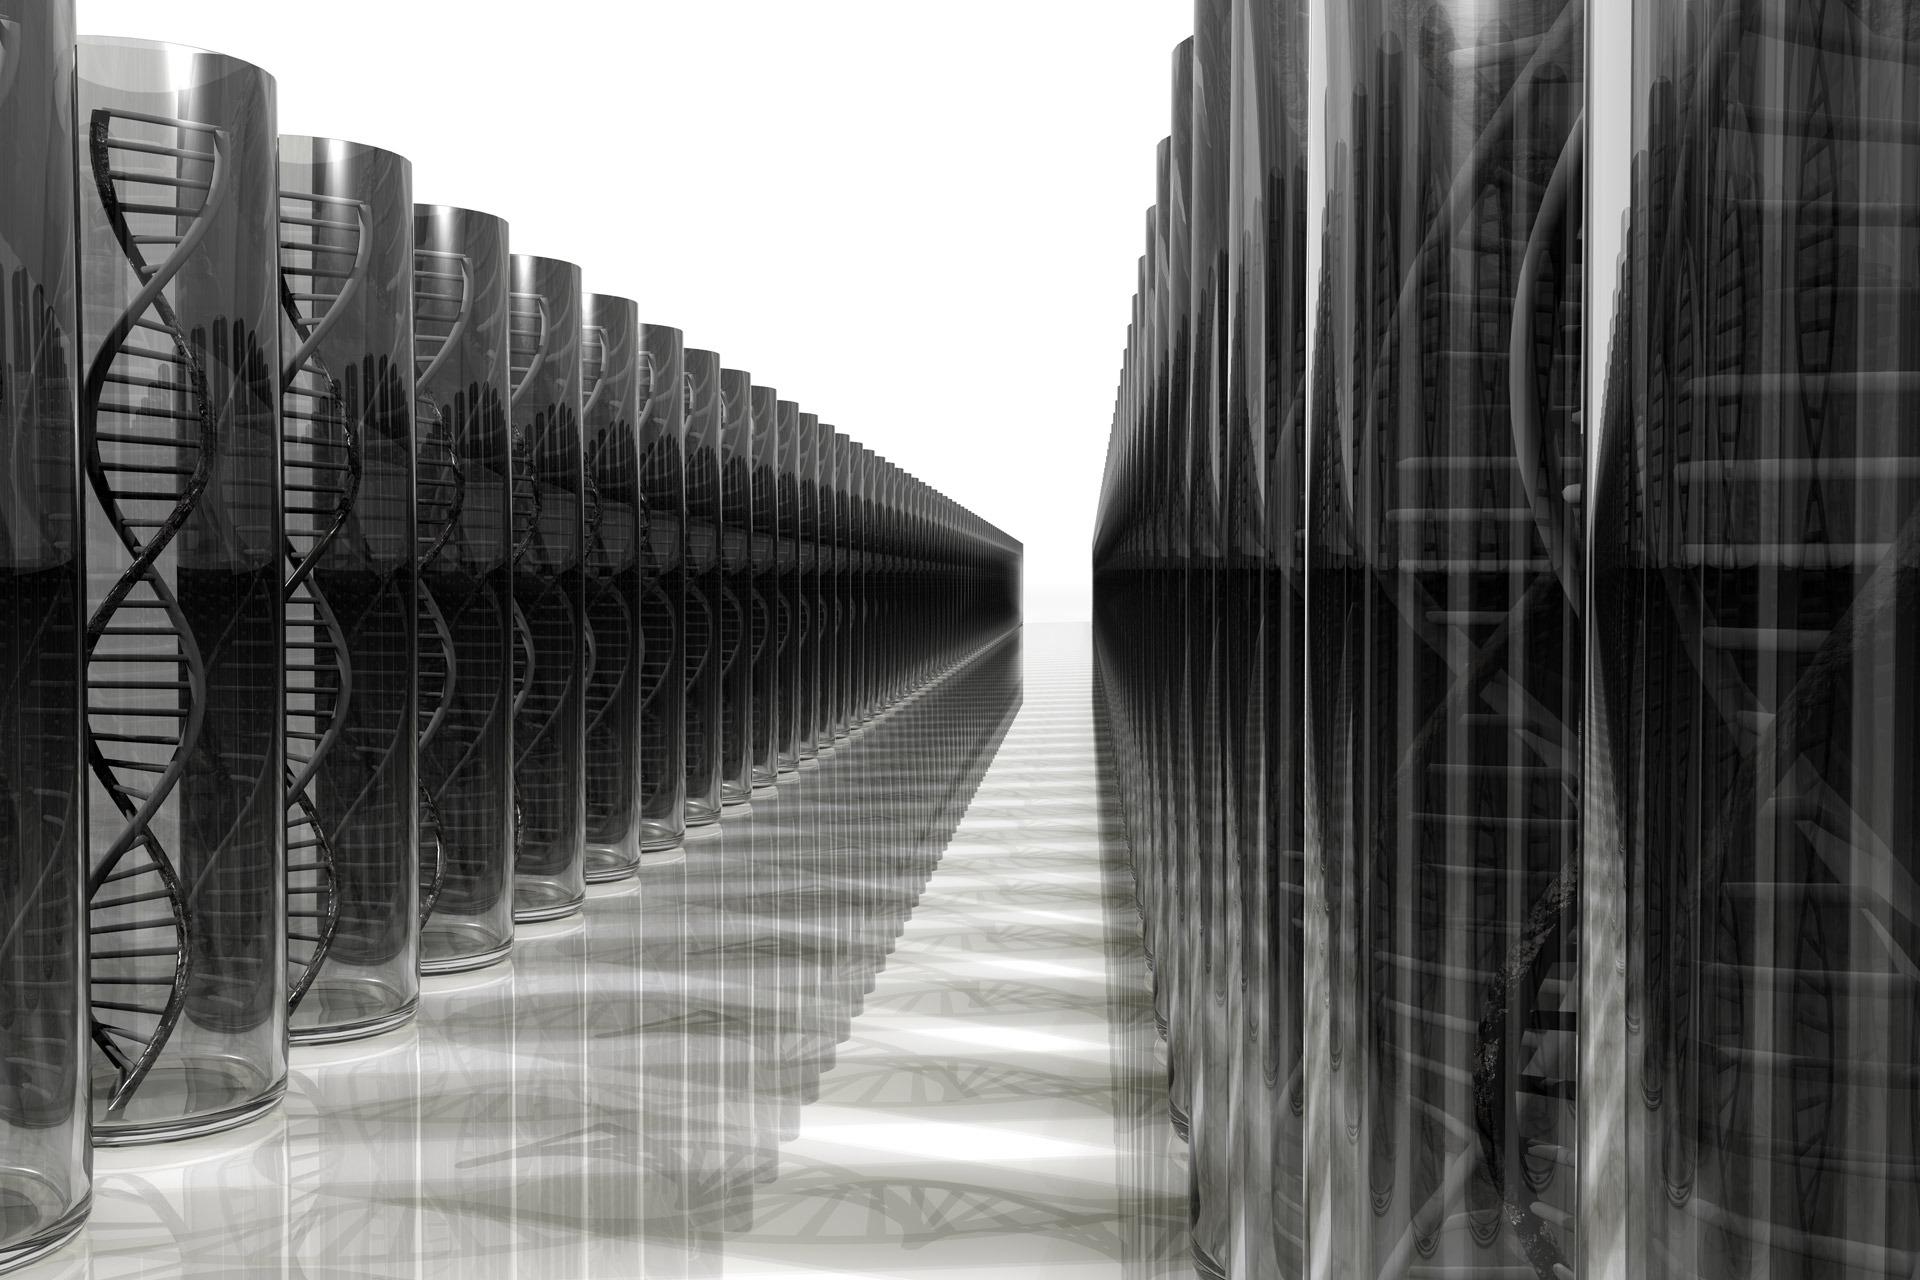 Illustration von mehreren schwarzen Säulen mit DNA-Doppelhelix